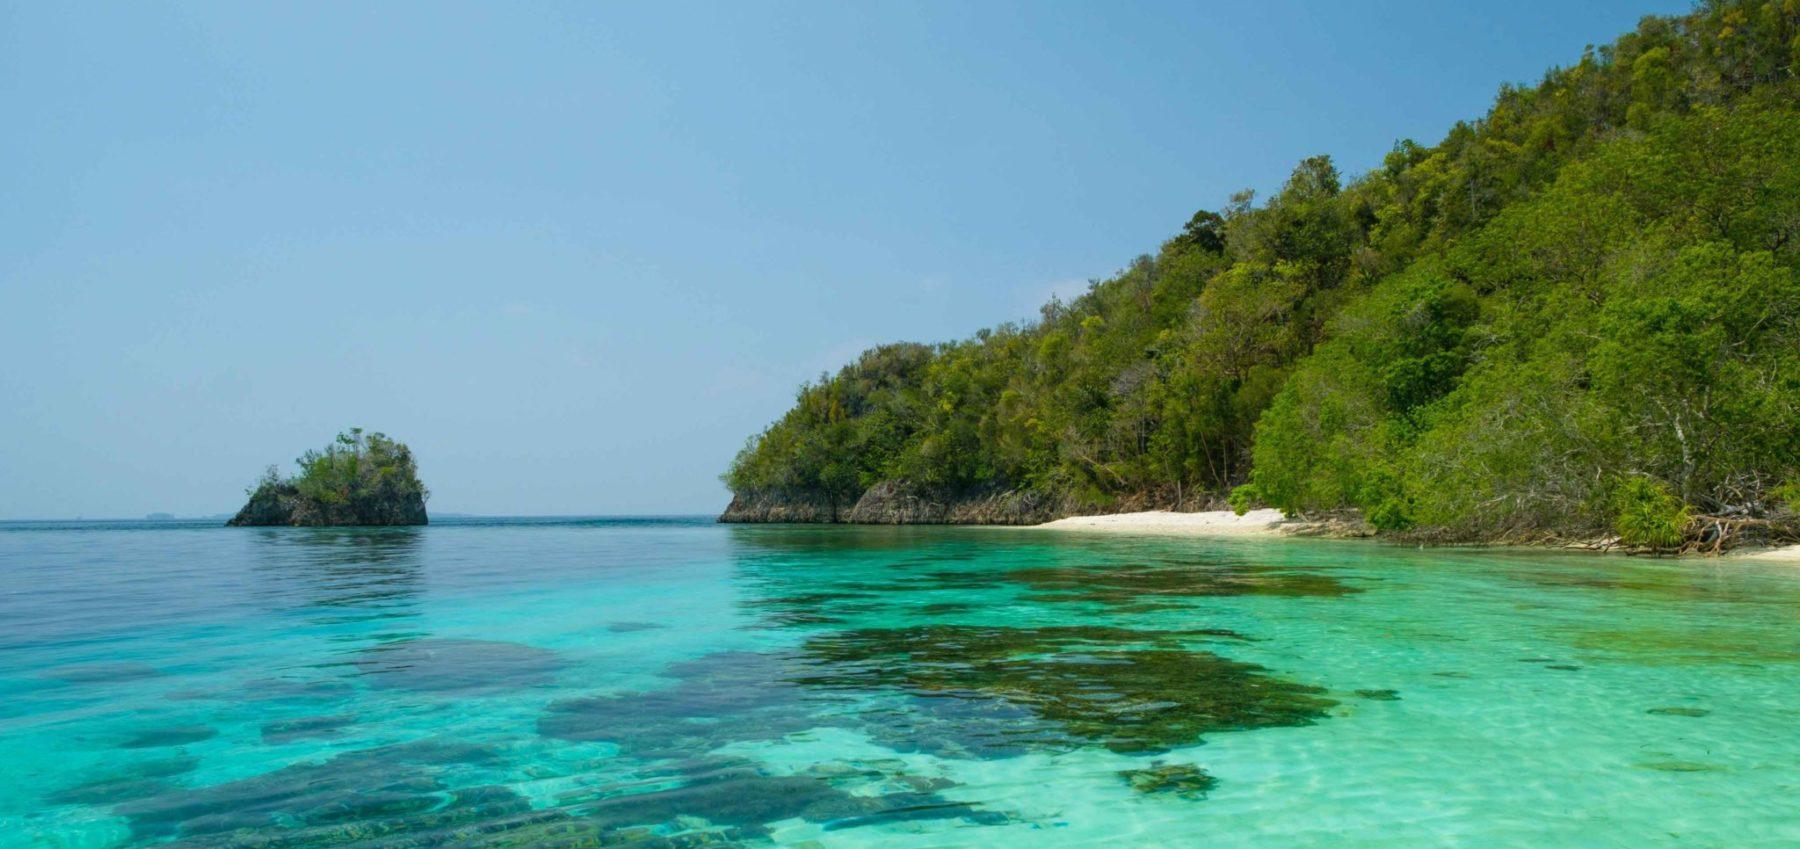 islas de raja ampat salawati